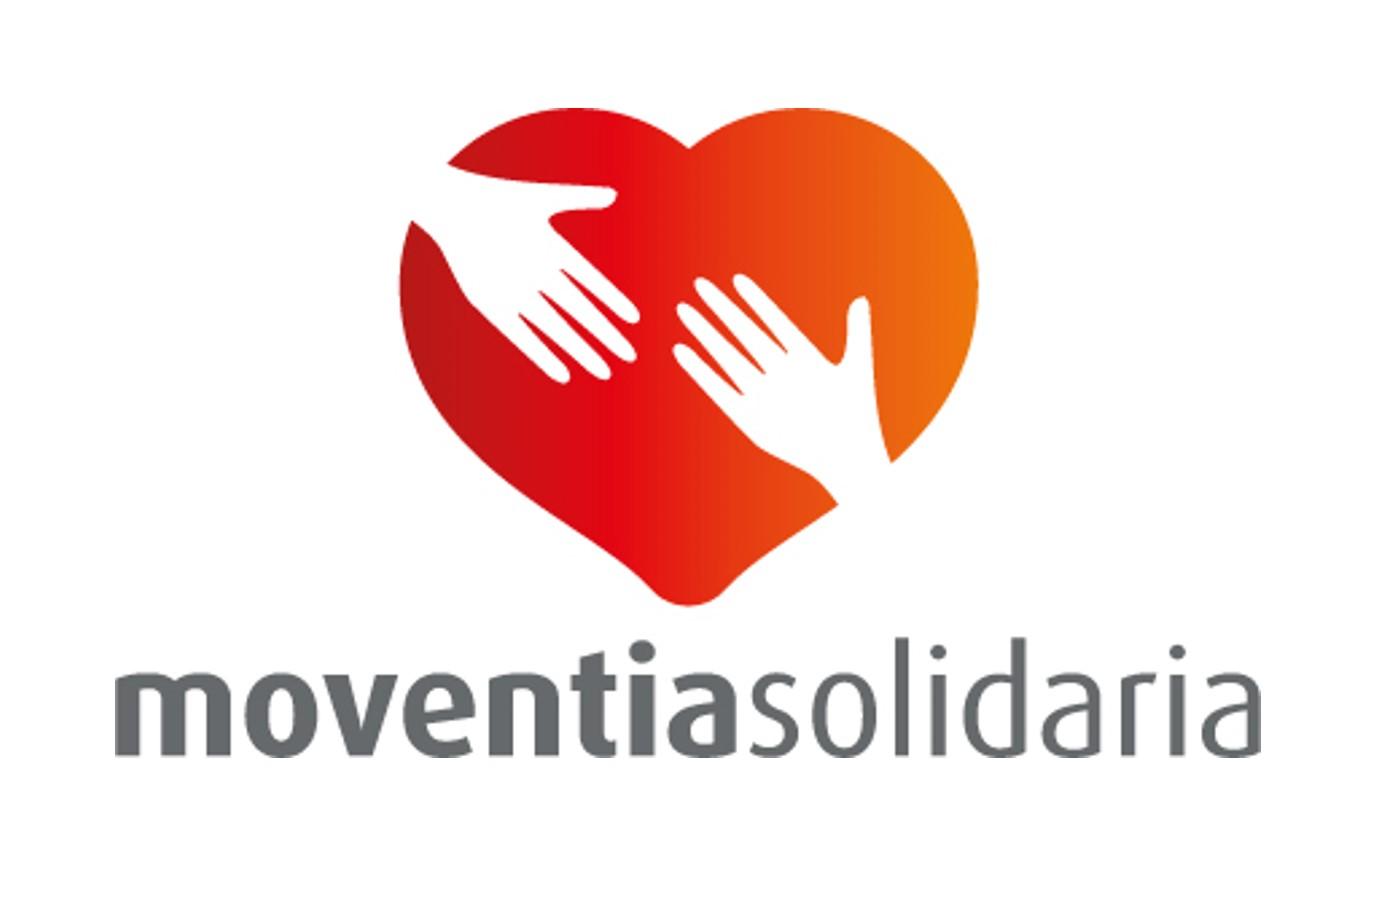 moventia solidaria